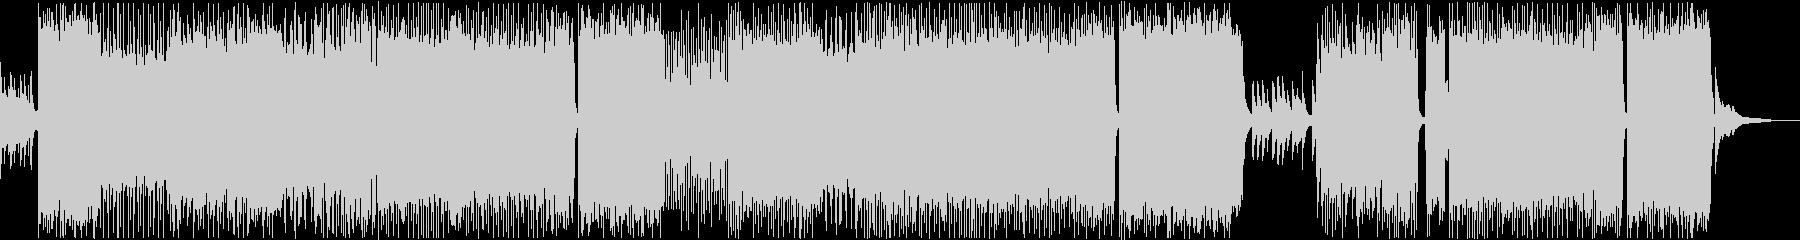 エンディング爽やかで切ないアニソンBGMの未再生の波形